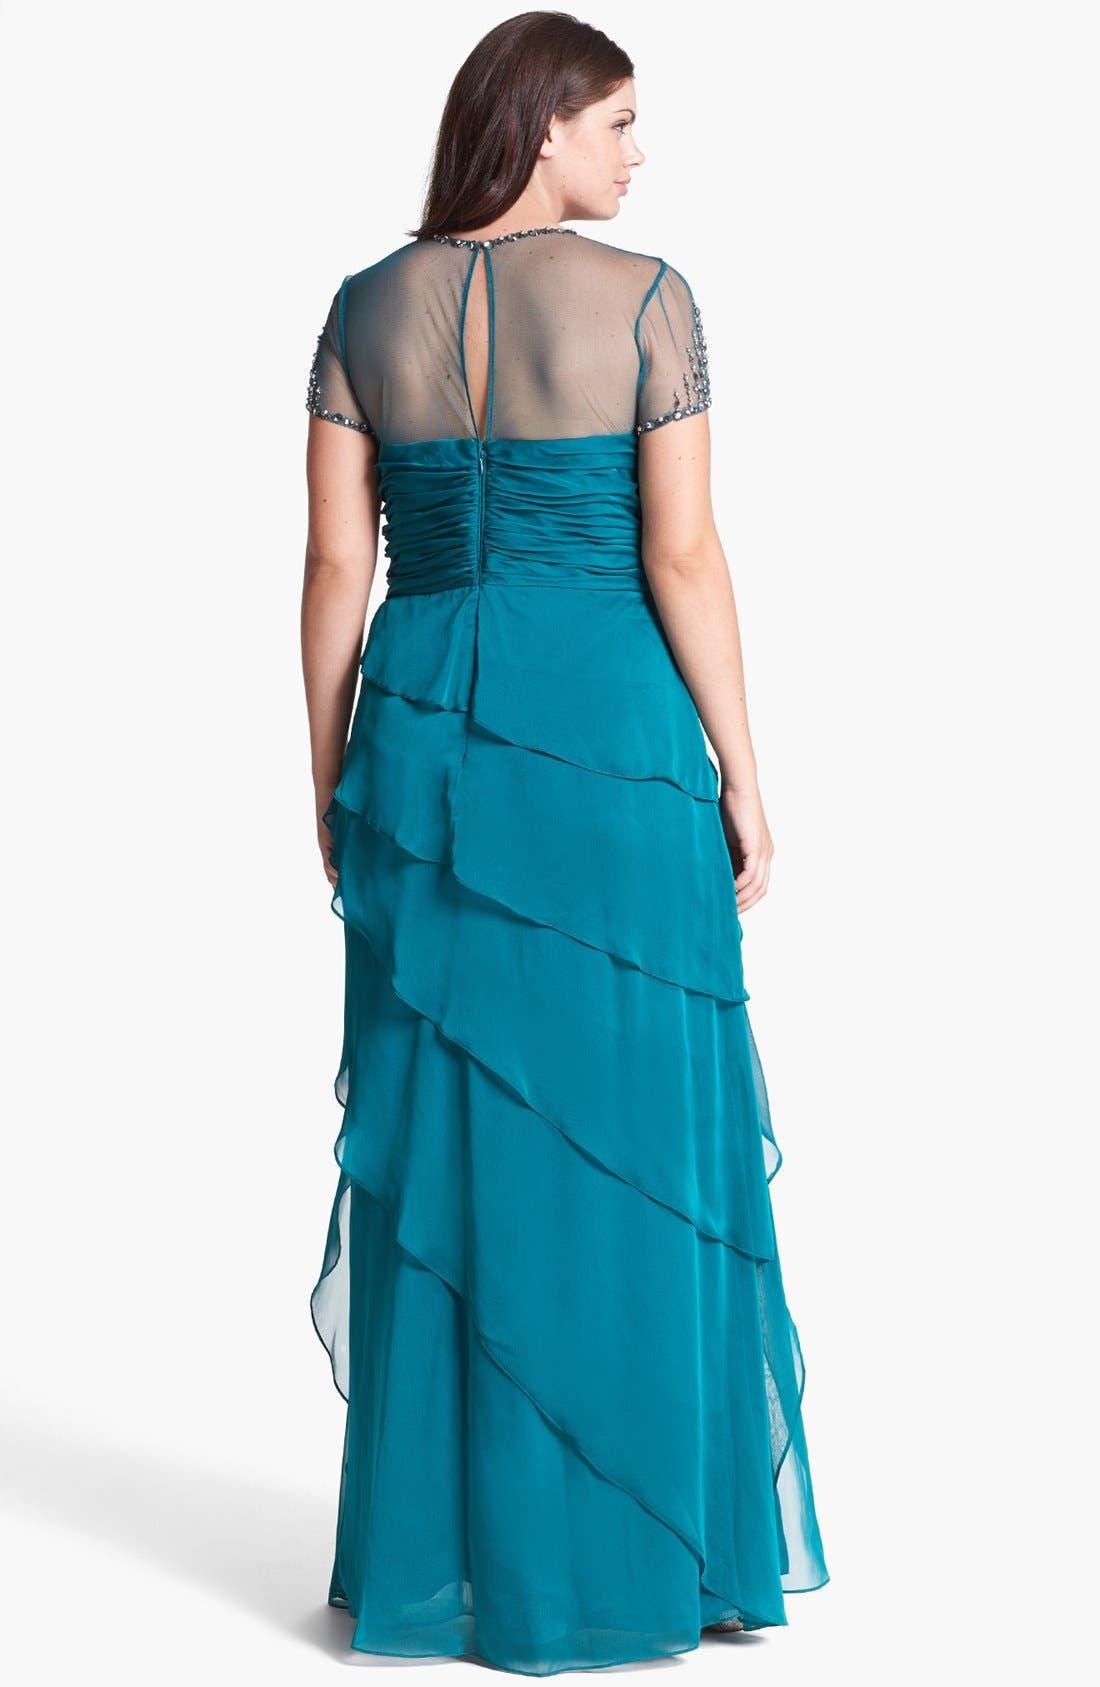 Alternate Image 2  - Adrianna Papell Embellished Yoke Ruffled Charmeuse Gown (Plus Size)